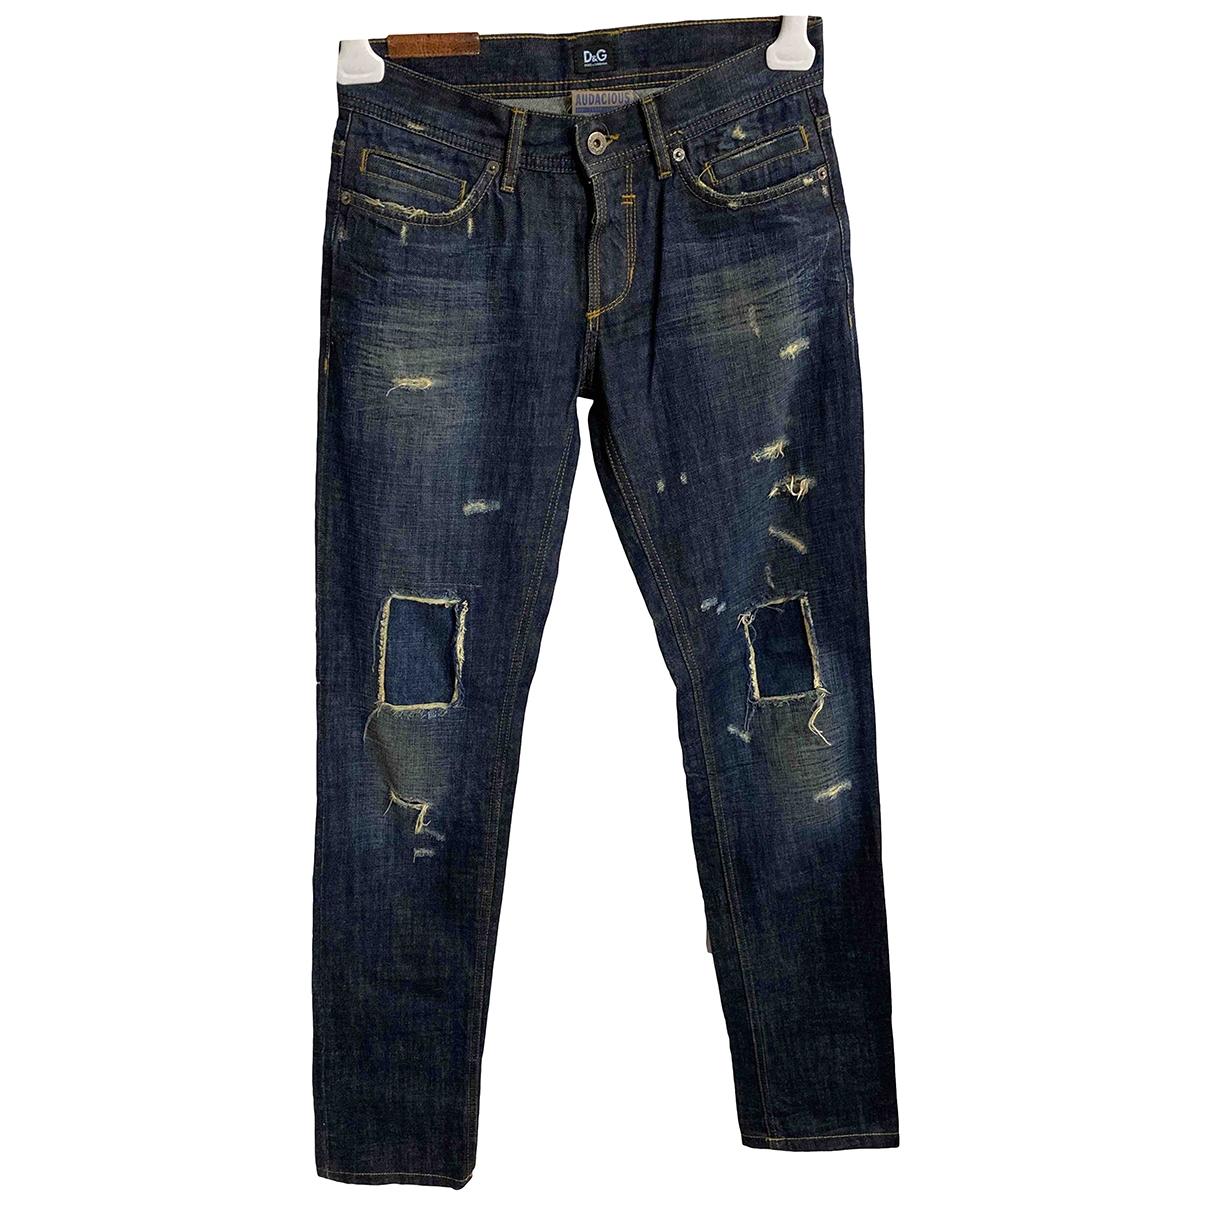 D&g \N Blue Cotton Jeans for Women 29 US